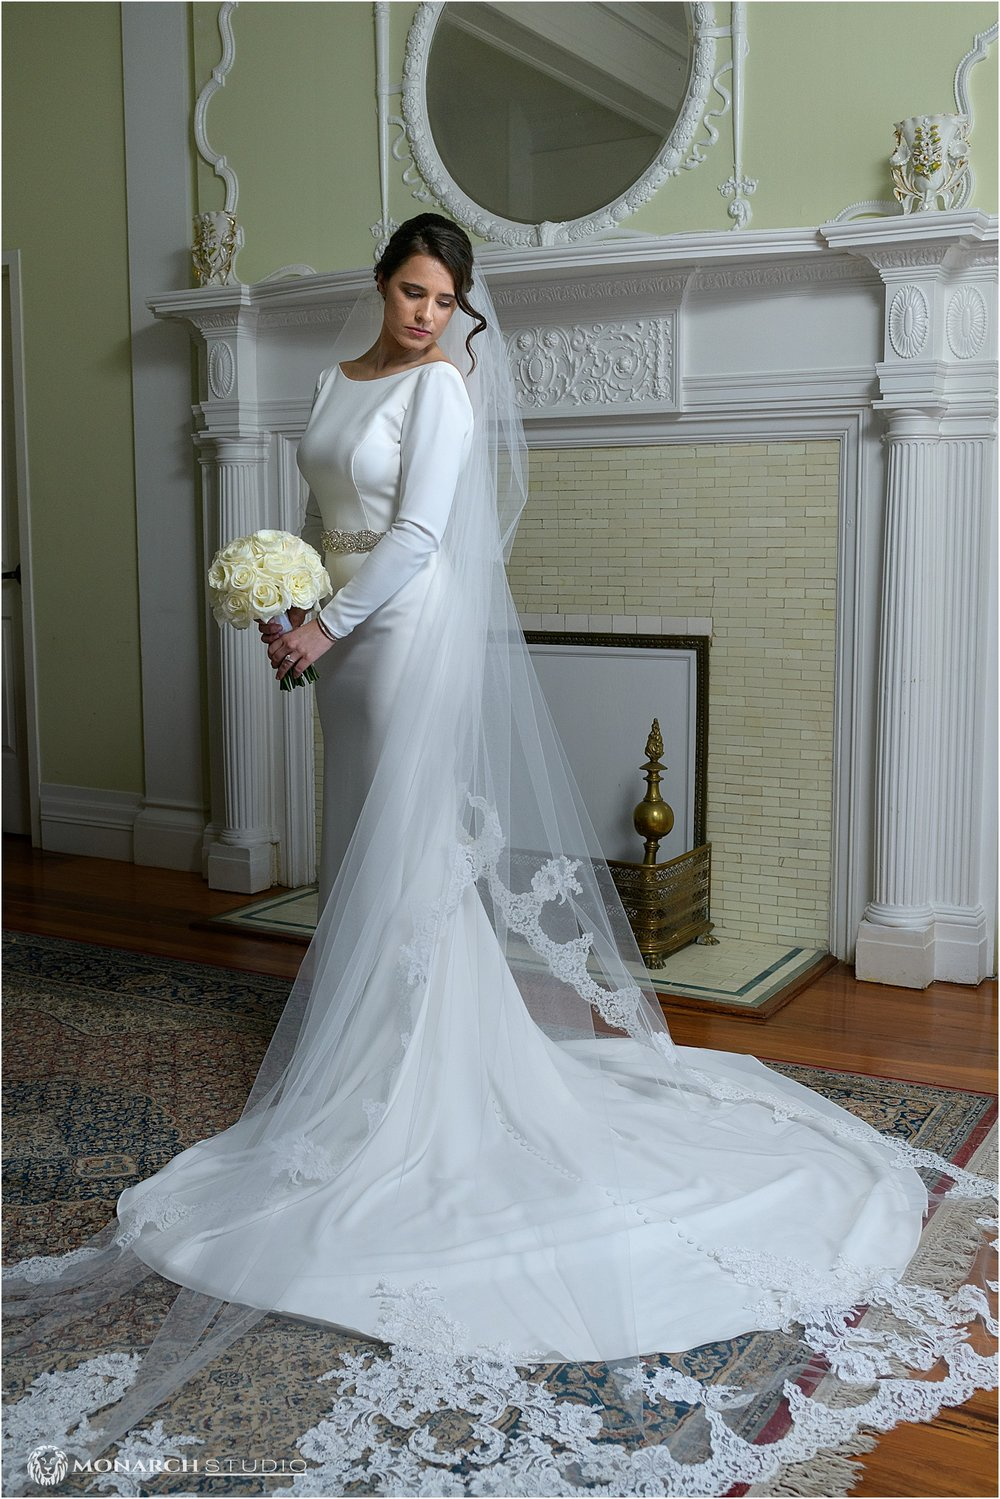 st-augustine-wedding-021.jpg